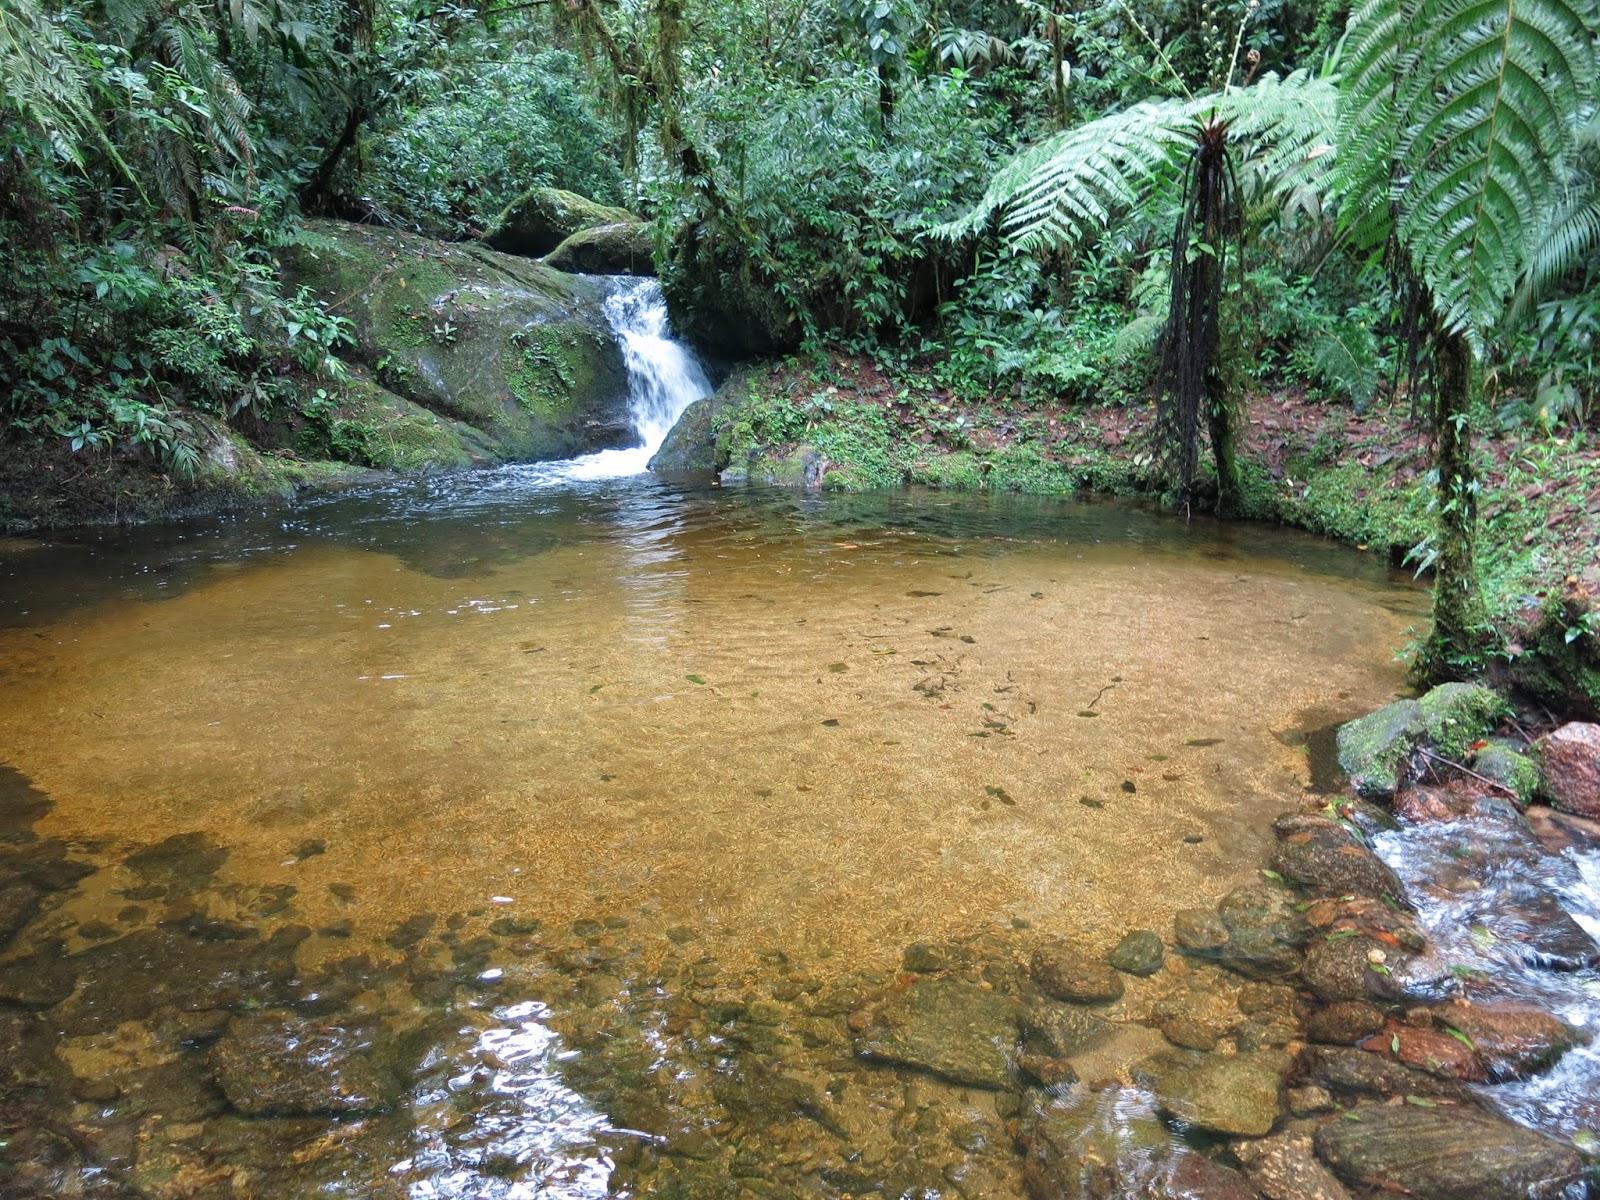 Poço de Areia, mais uma cachoeira no Vale do Alcantilado em Visconde de Mauá.